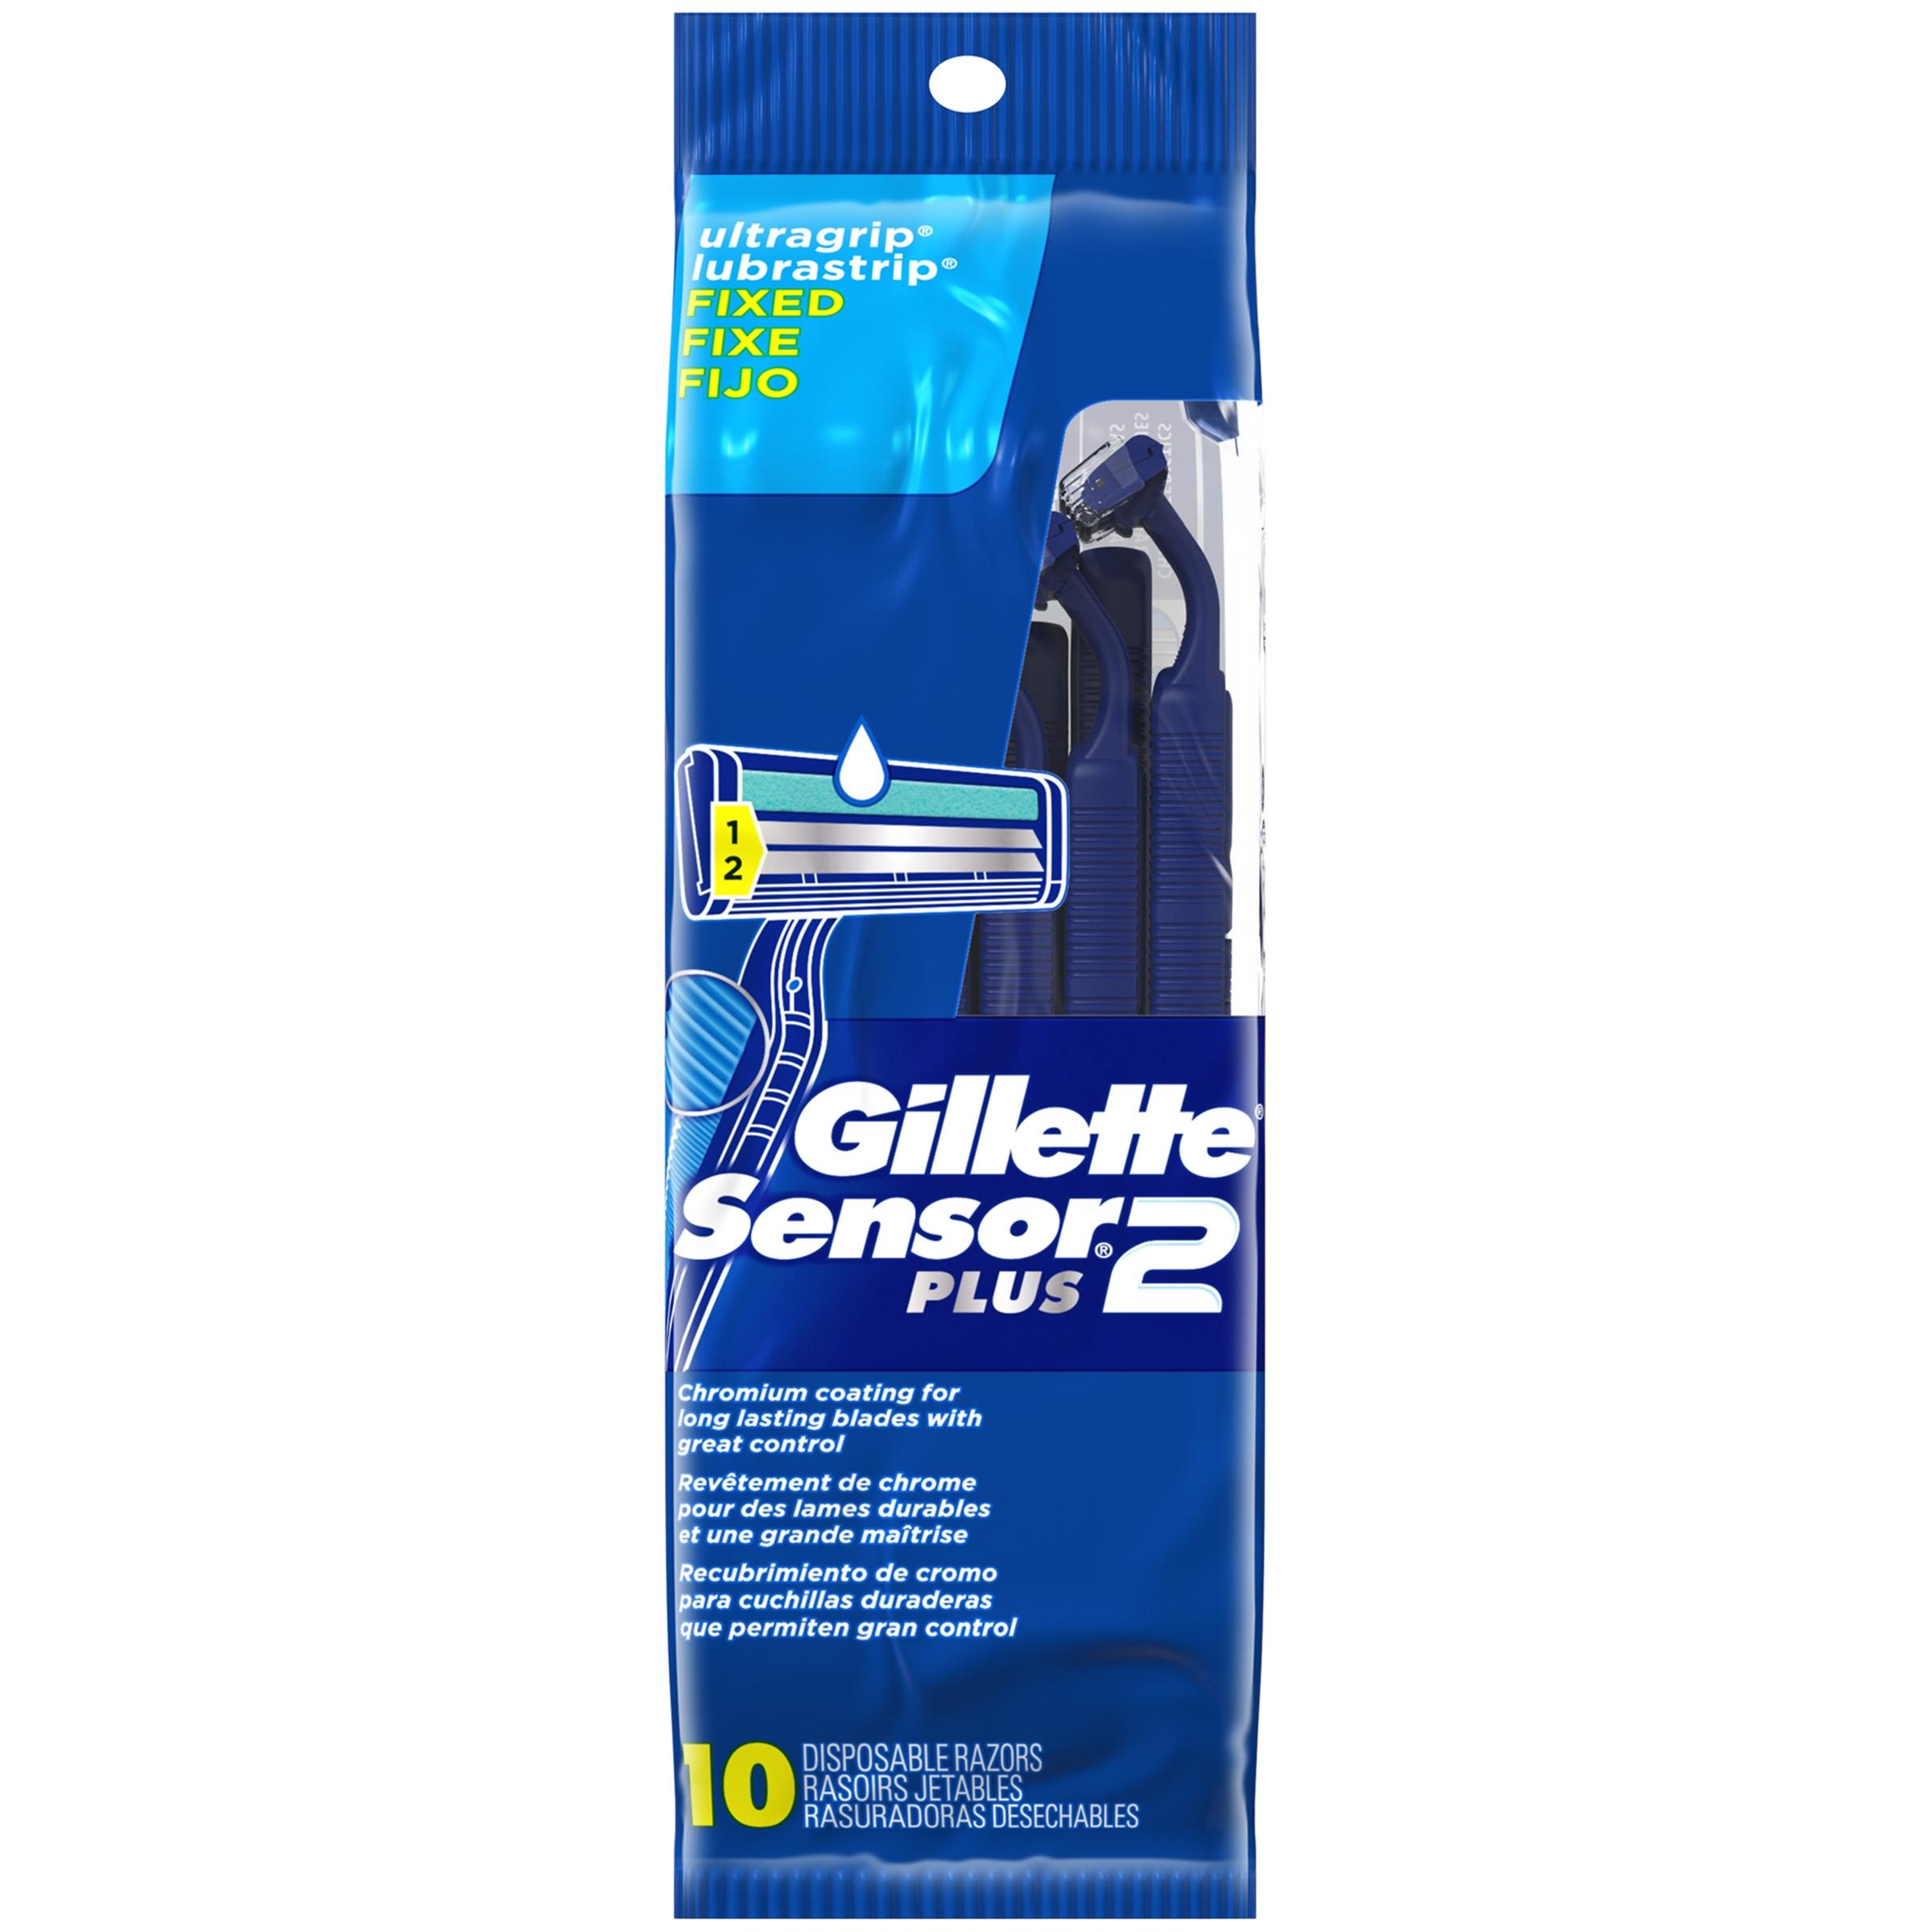 Gillette Sensor2 Plus Men's Disposable Razors, 10 Count